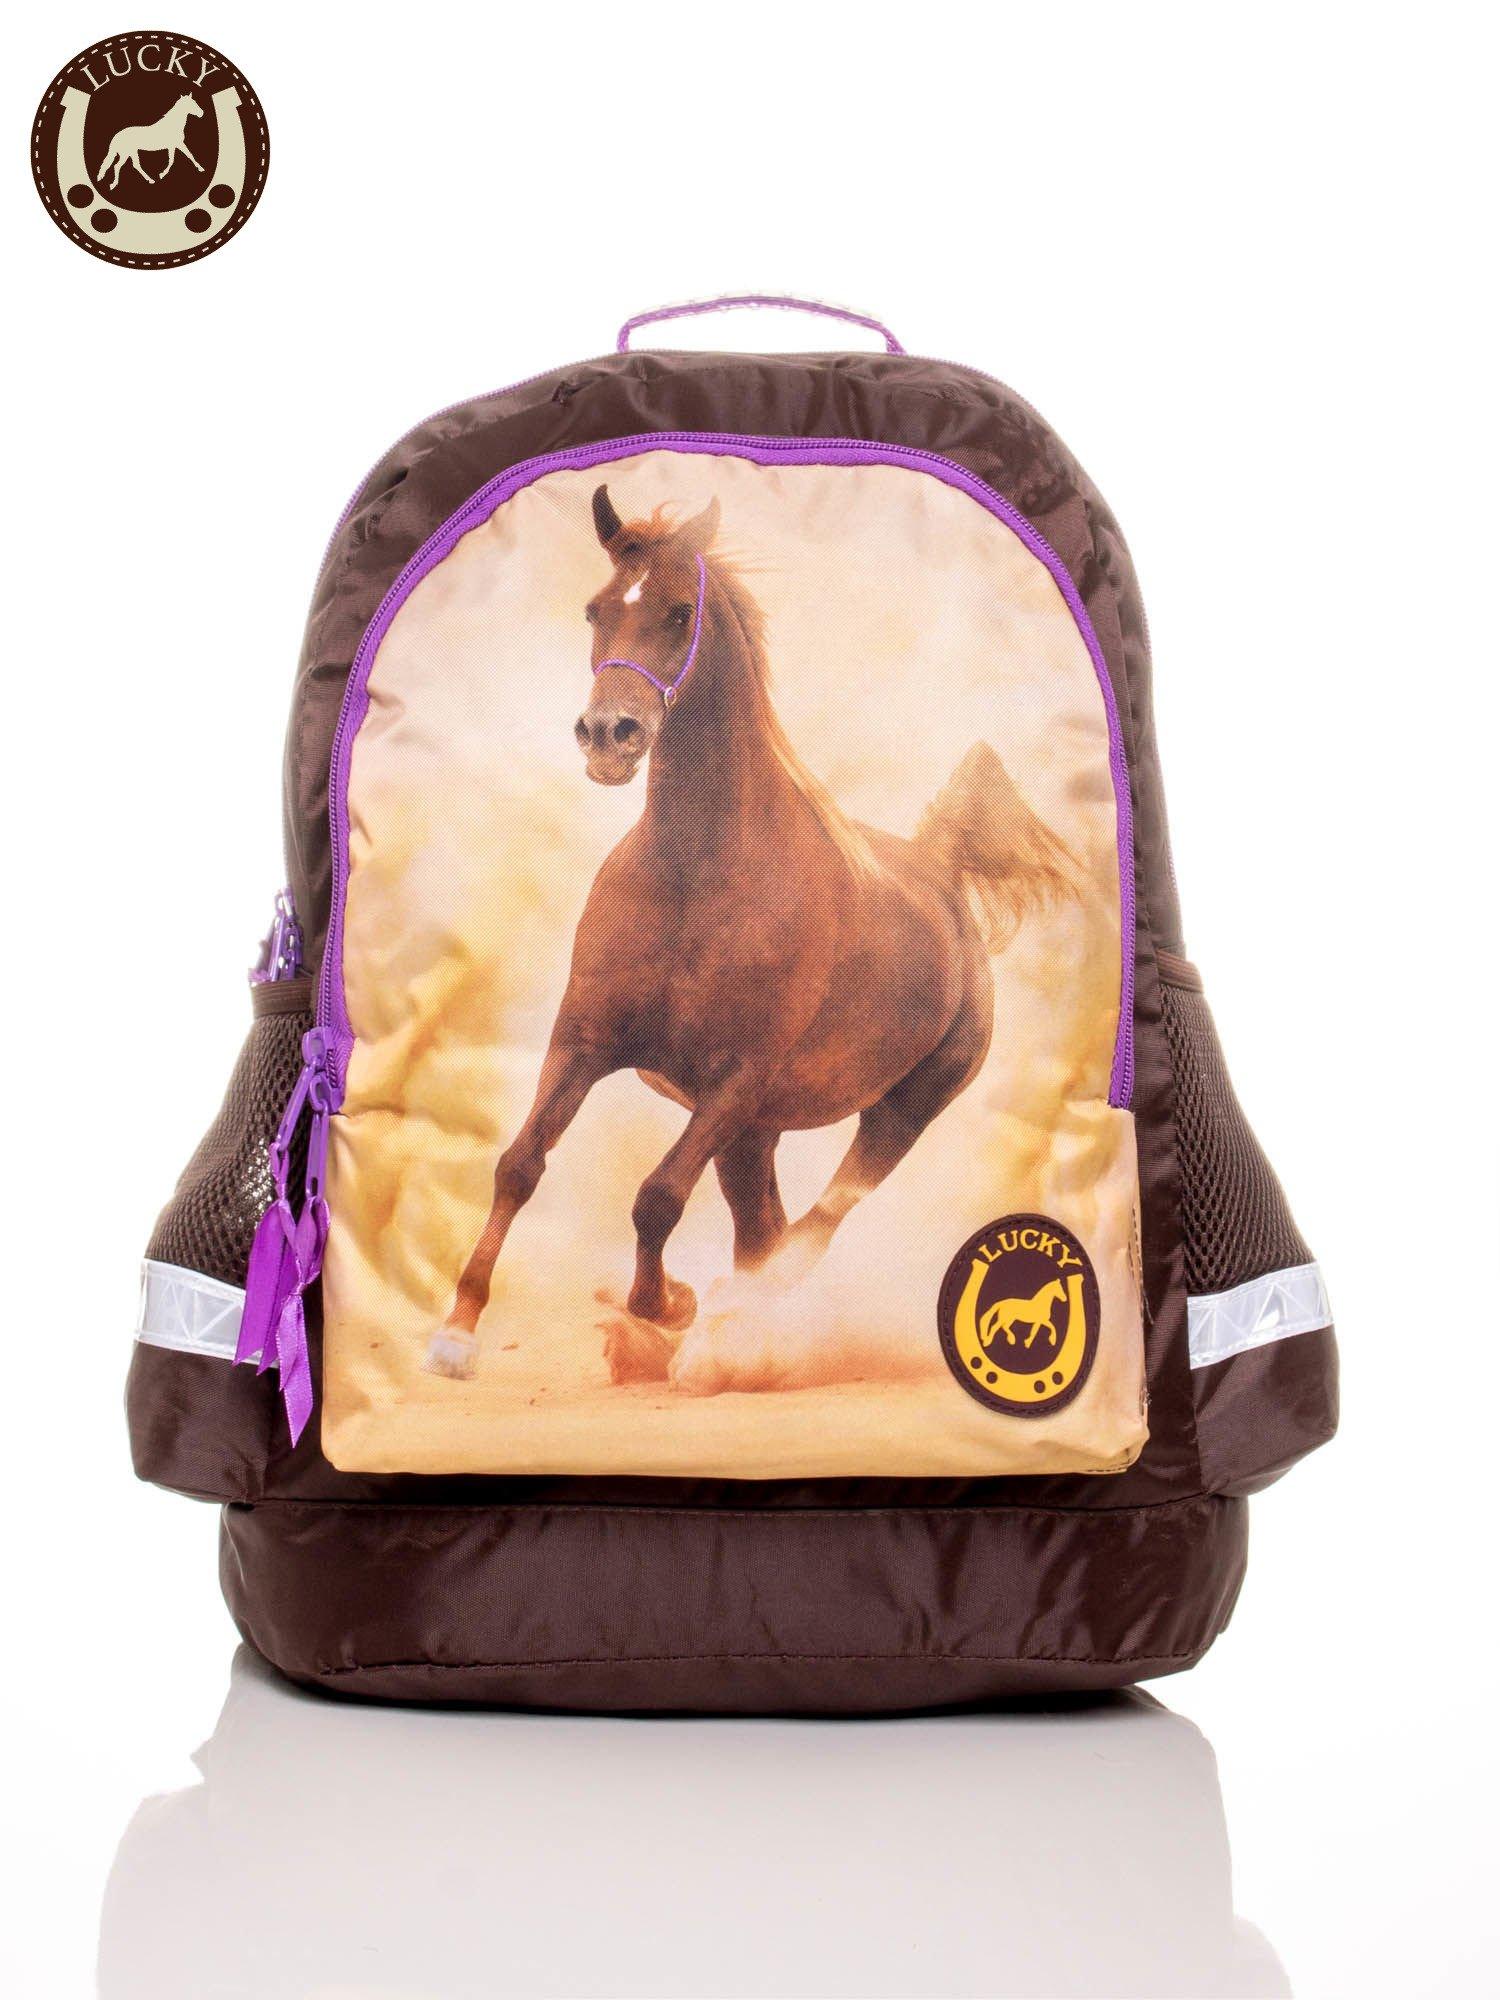 414065c014970 GRATIS!!! Plecak szkolny z nadrukiem konia - Dziecko Plecaki - sklep ...